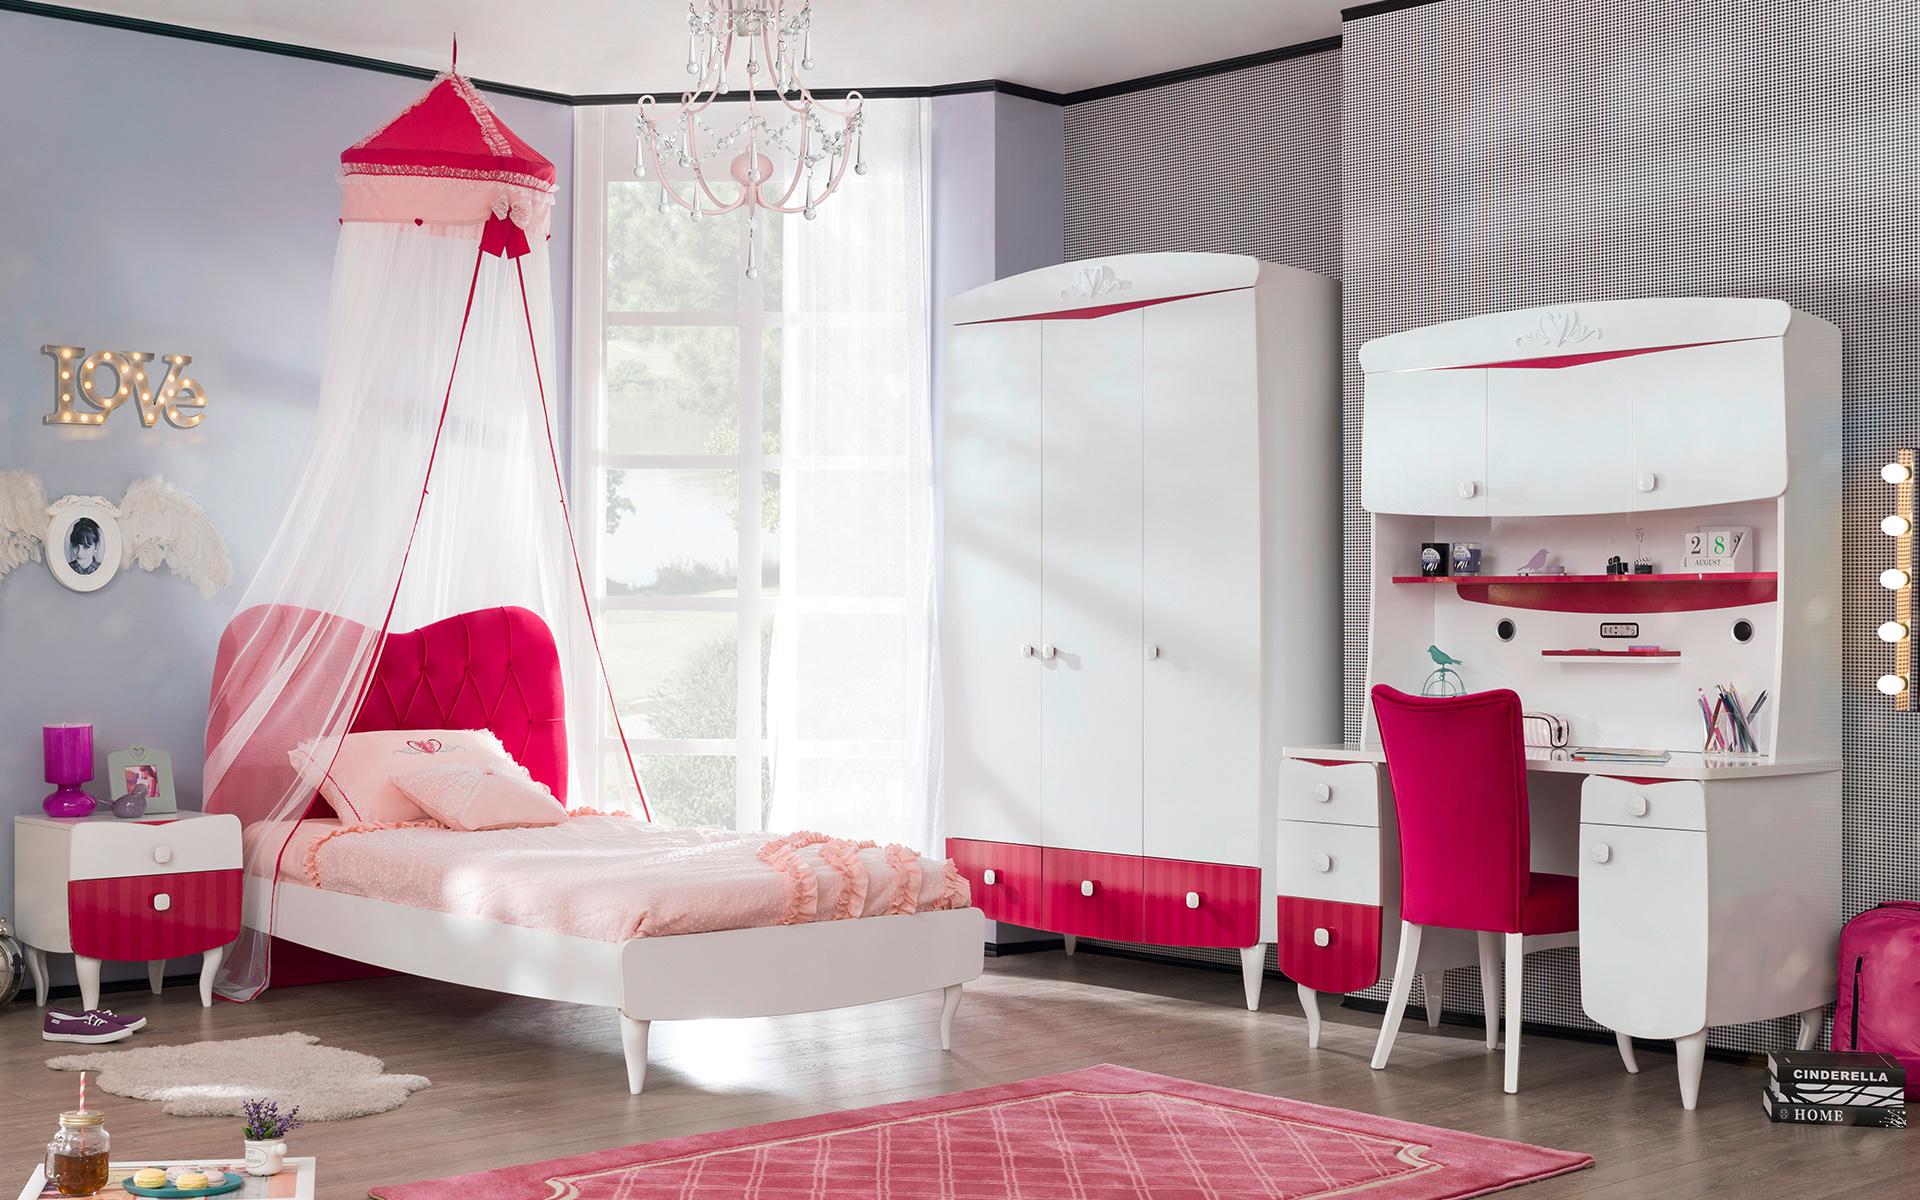 Full Size of Kinderbett 120x200cm Sweety Betten 120x200 Bett Mit Matratze Und Lattenrost Weiß Bettkasten Wohnzimmer Kinderbett 120x200